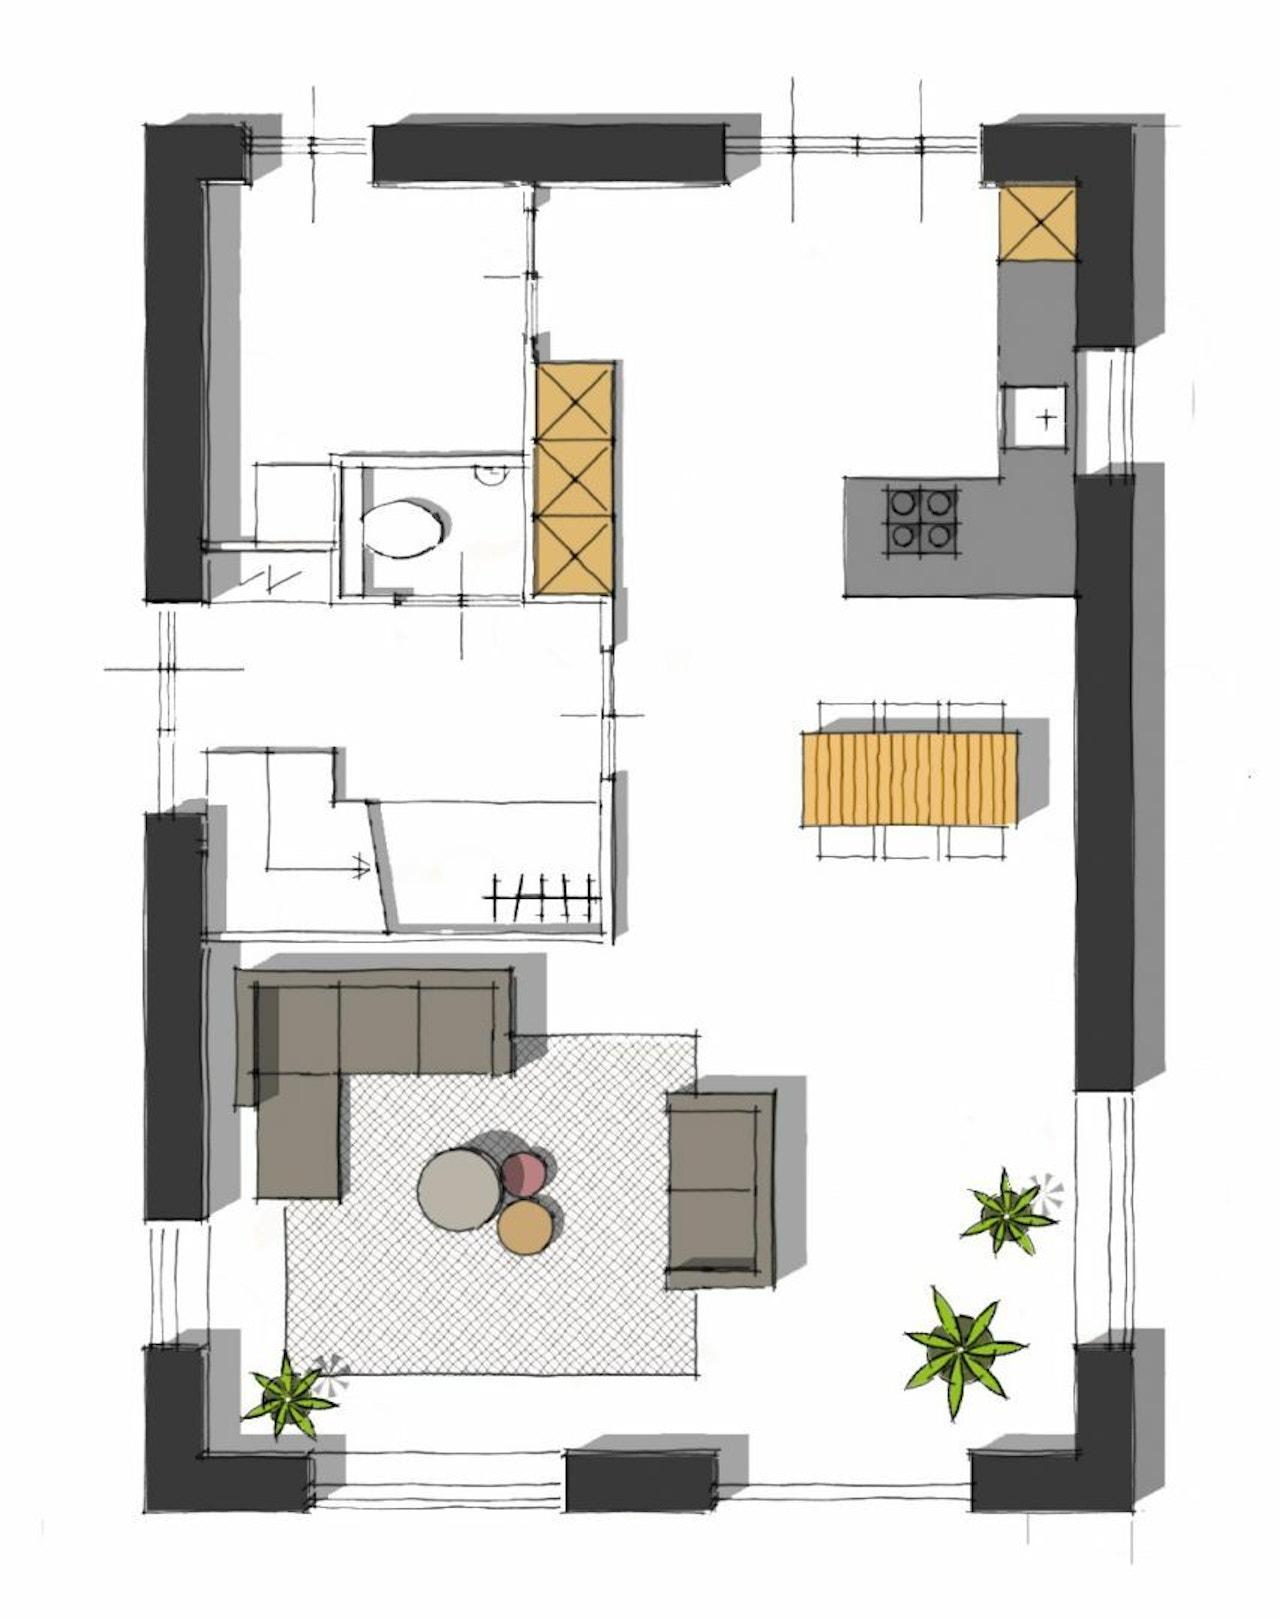 Plattegrond van de begane verdieping van het basismodel Eiger